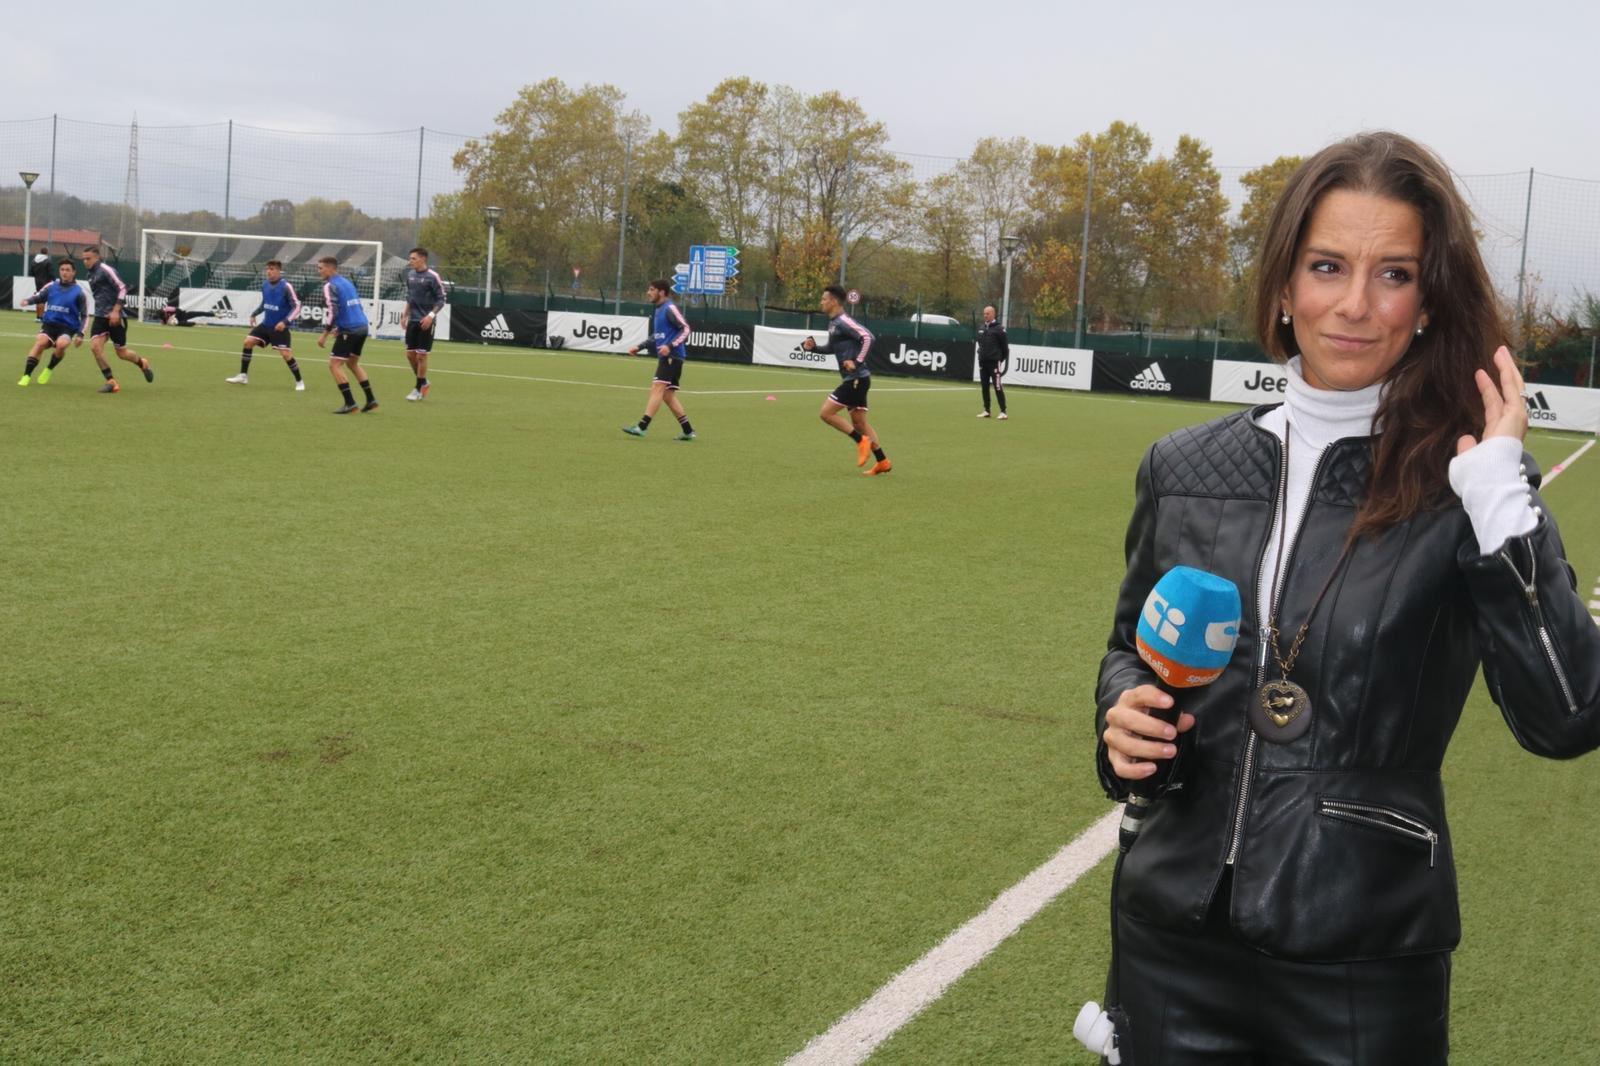 Sportitalia, Palinsesto Calcio 9 - 11 Novembre (Primavera, Serie C, Argentina)